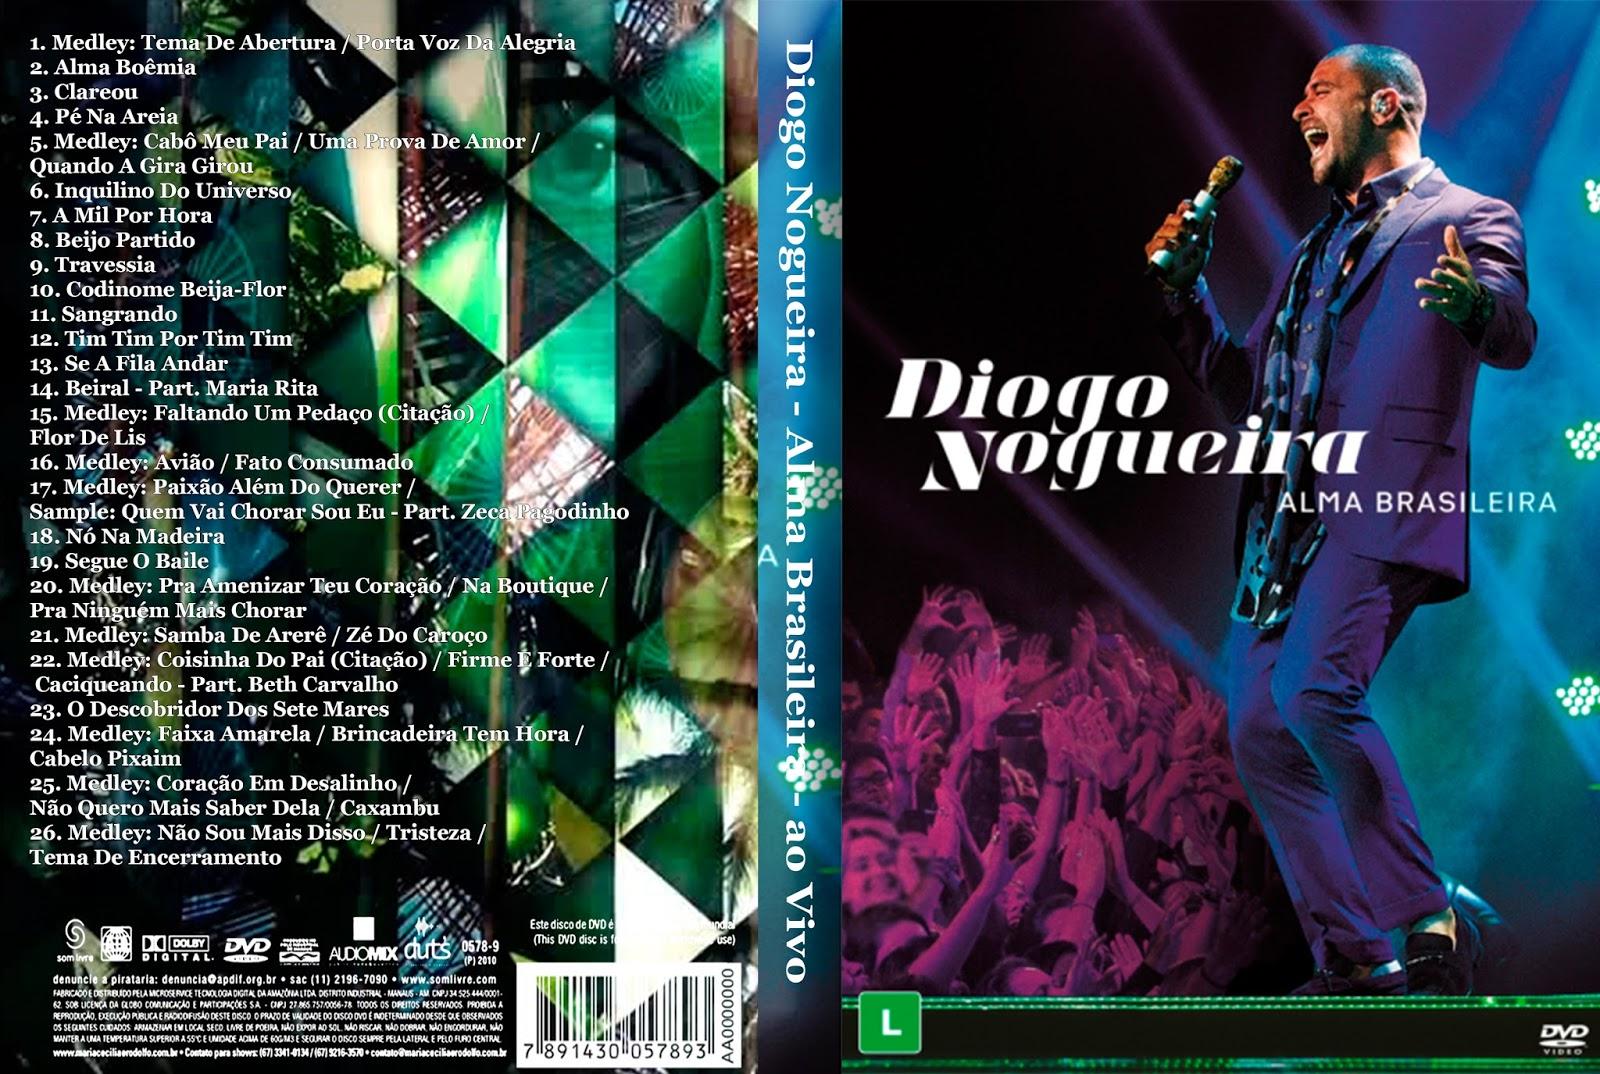 Download Diogo Nogueira Alma Brasileira DVD-R